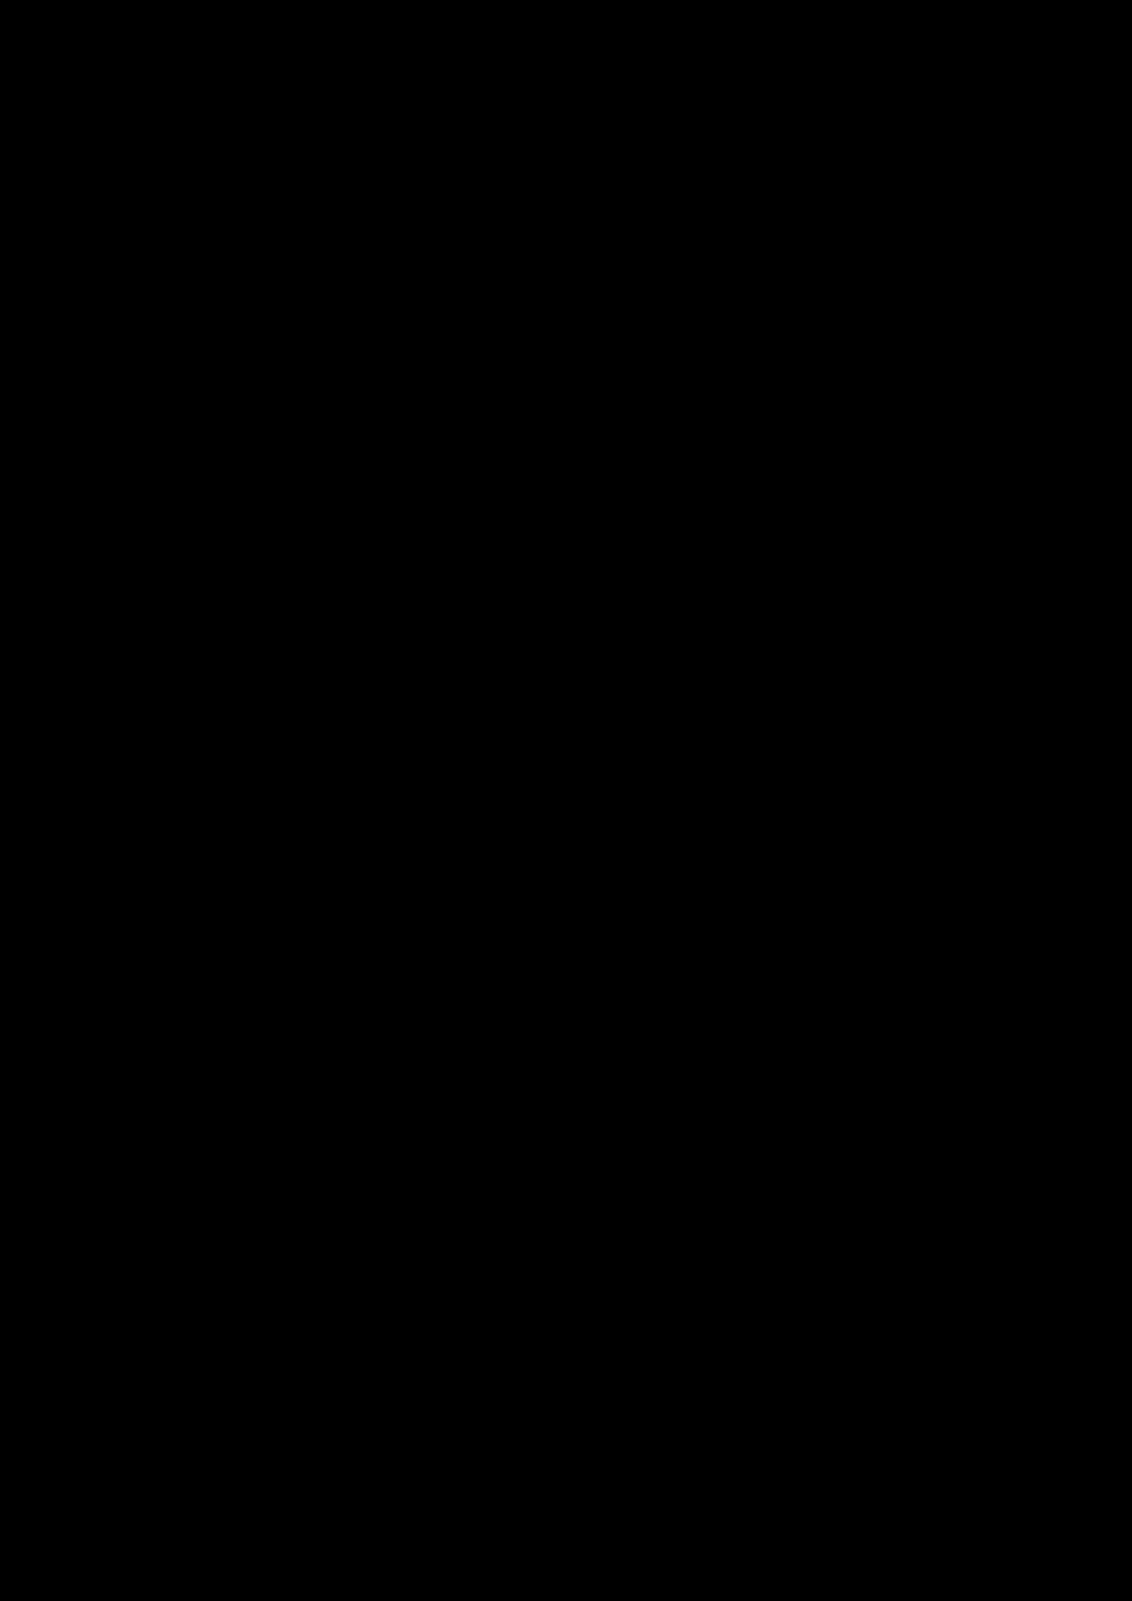 Vyibor Est slide, Image 29